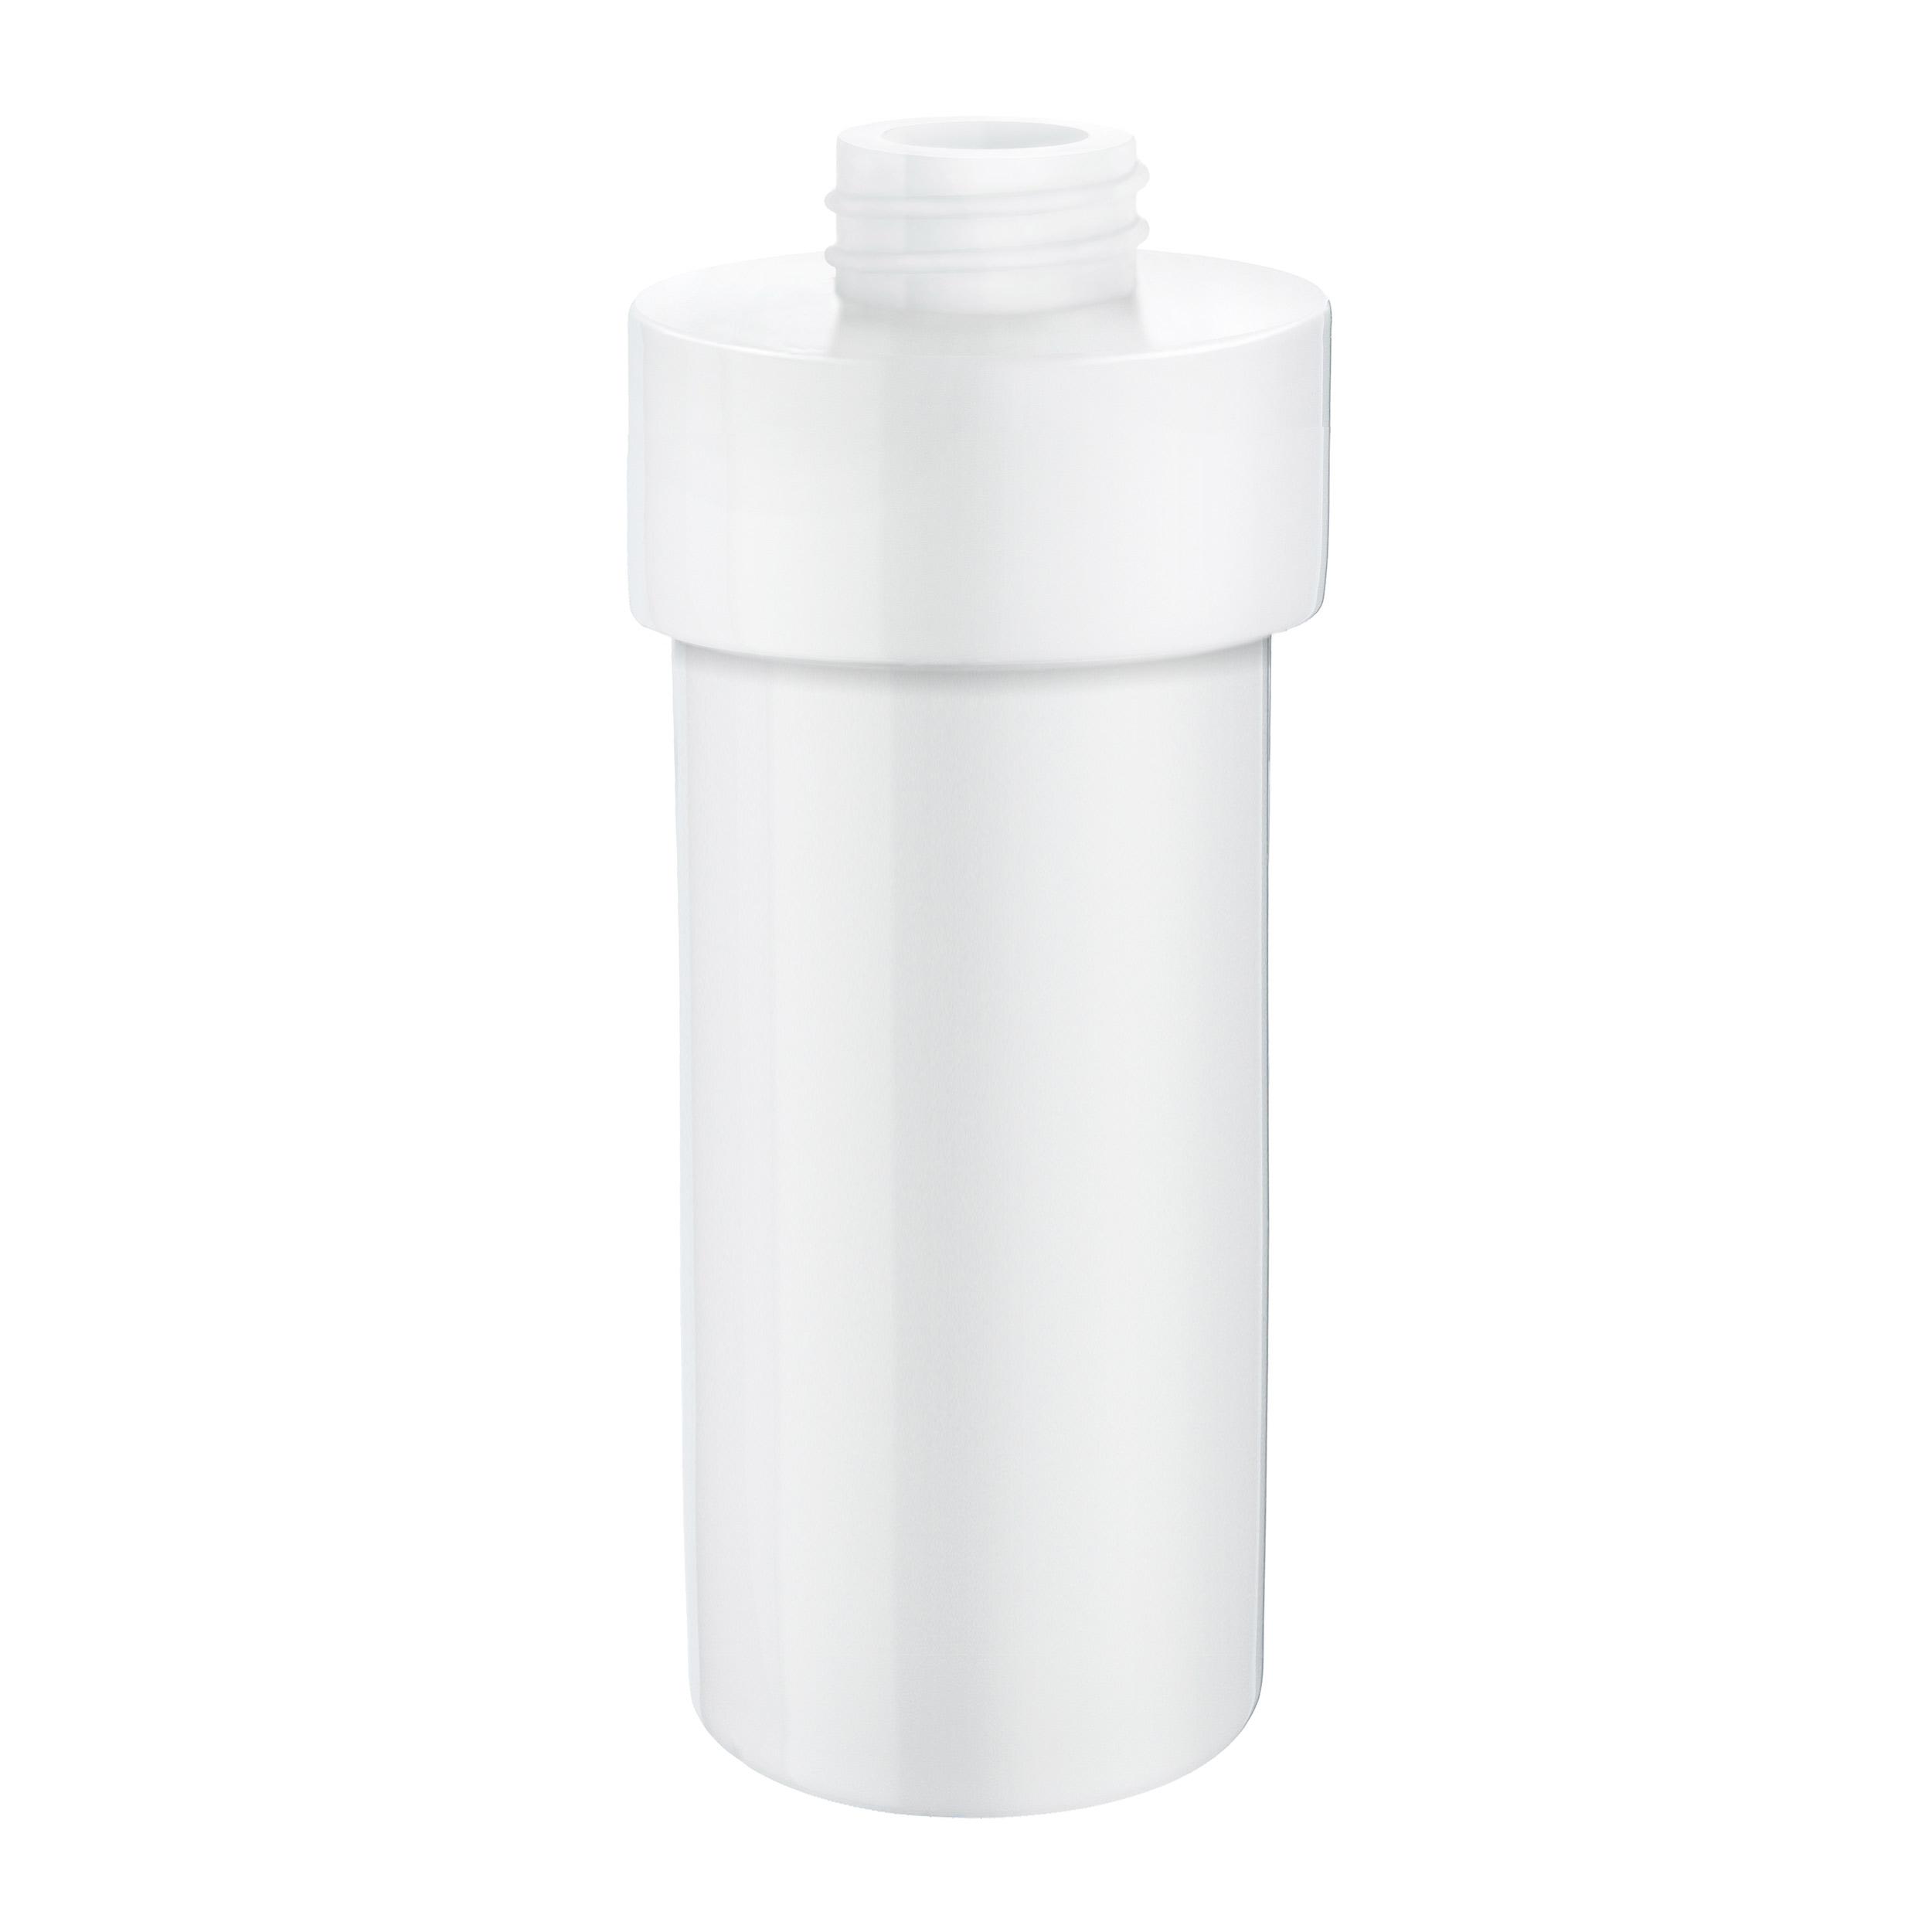 Tvålbehållare Smedbo Xtra Lös O351